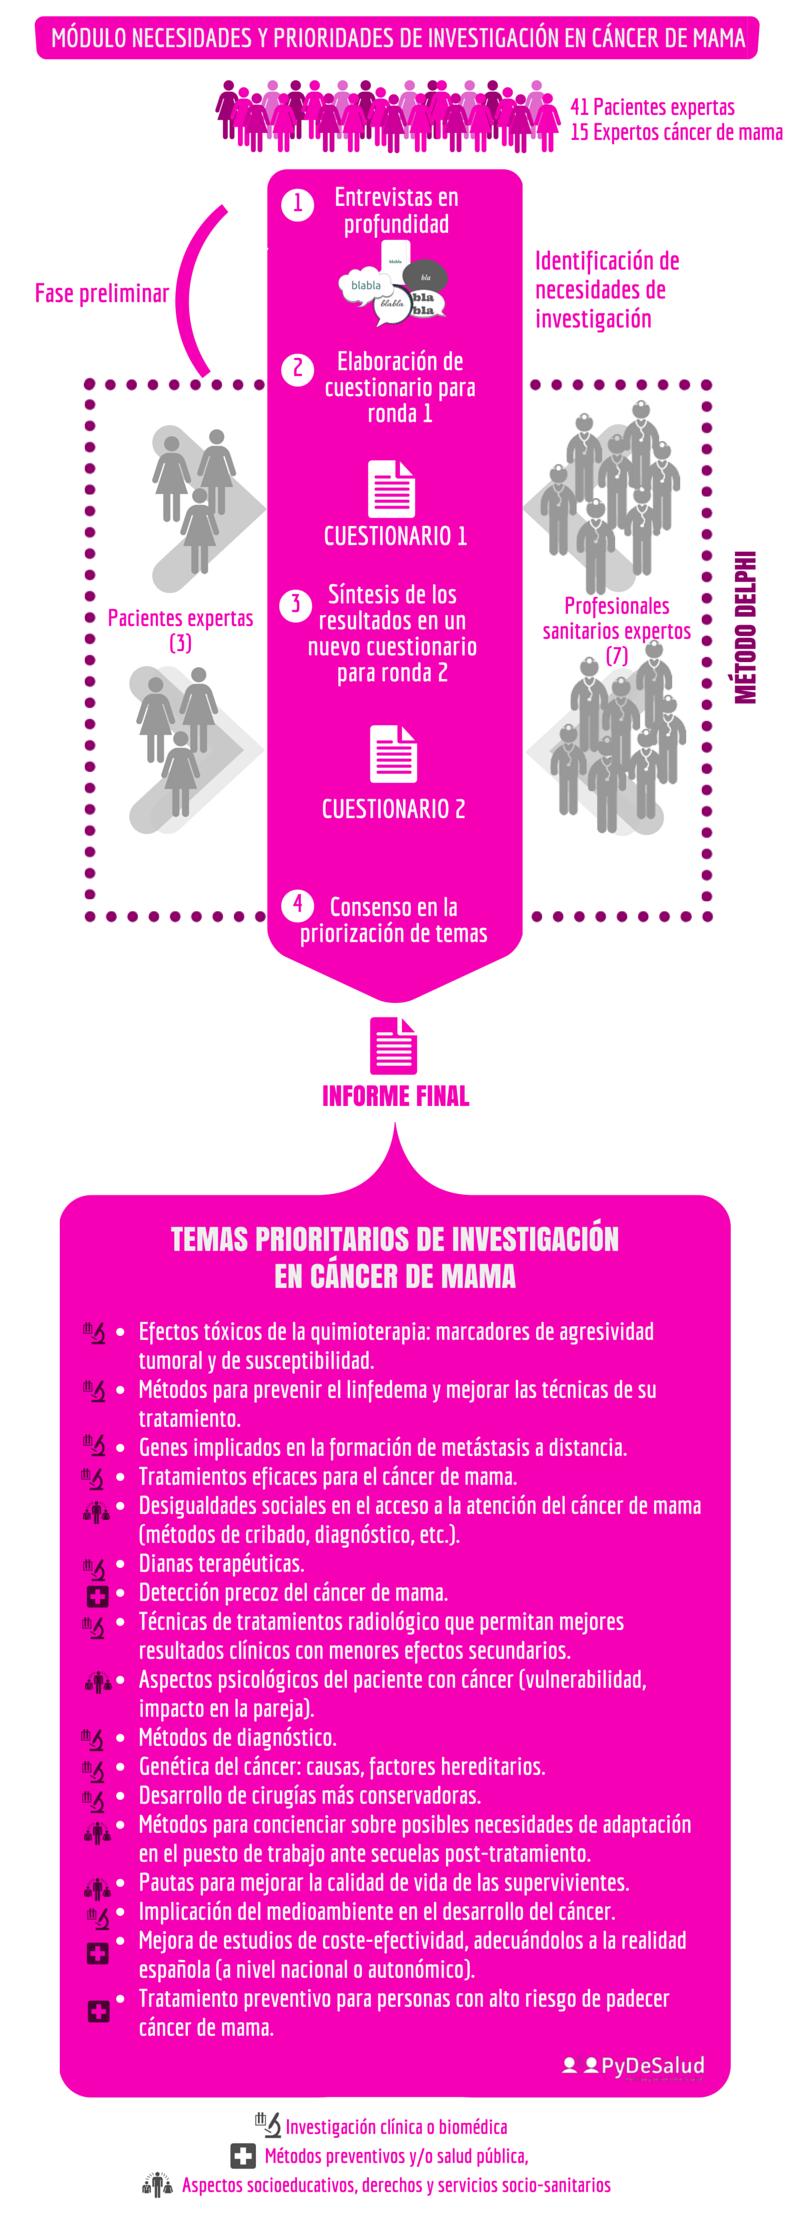 Necesidades y priorizacion temas de investigación cáncer de mama